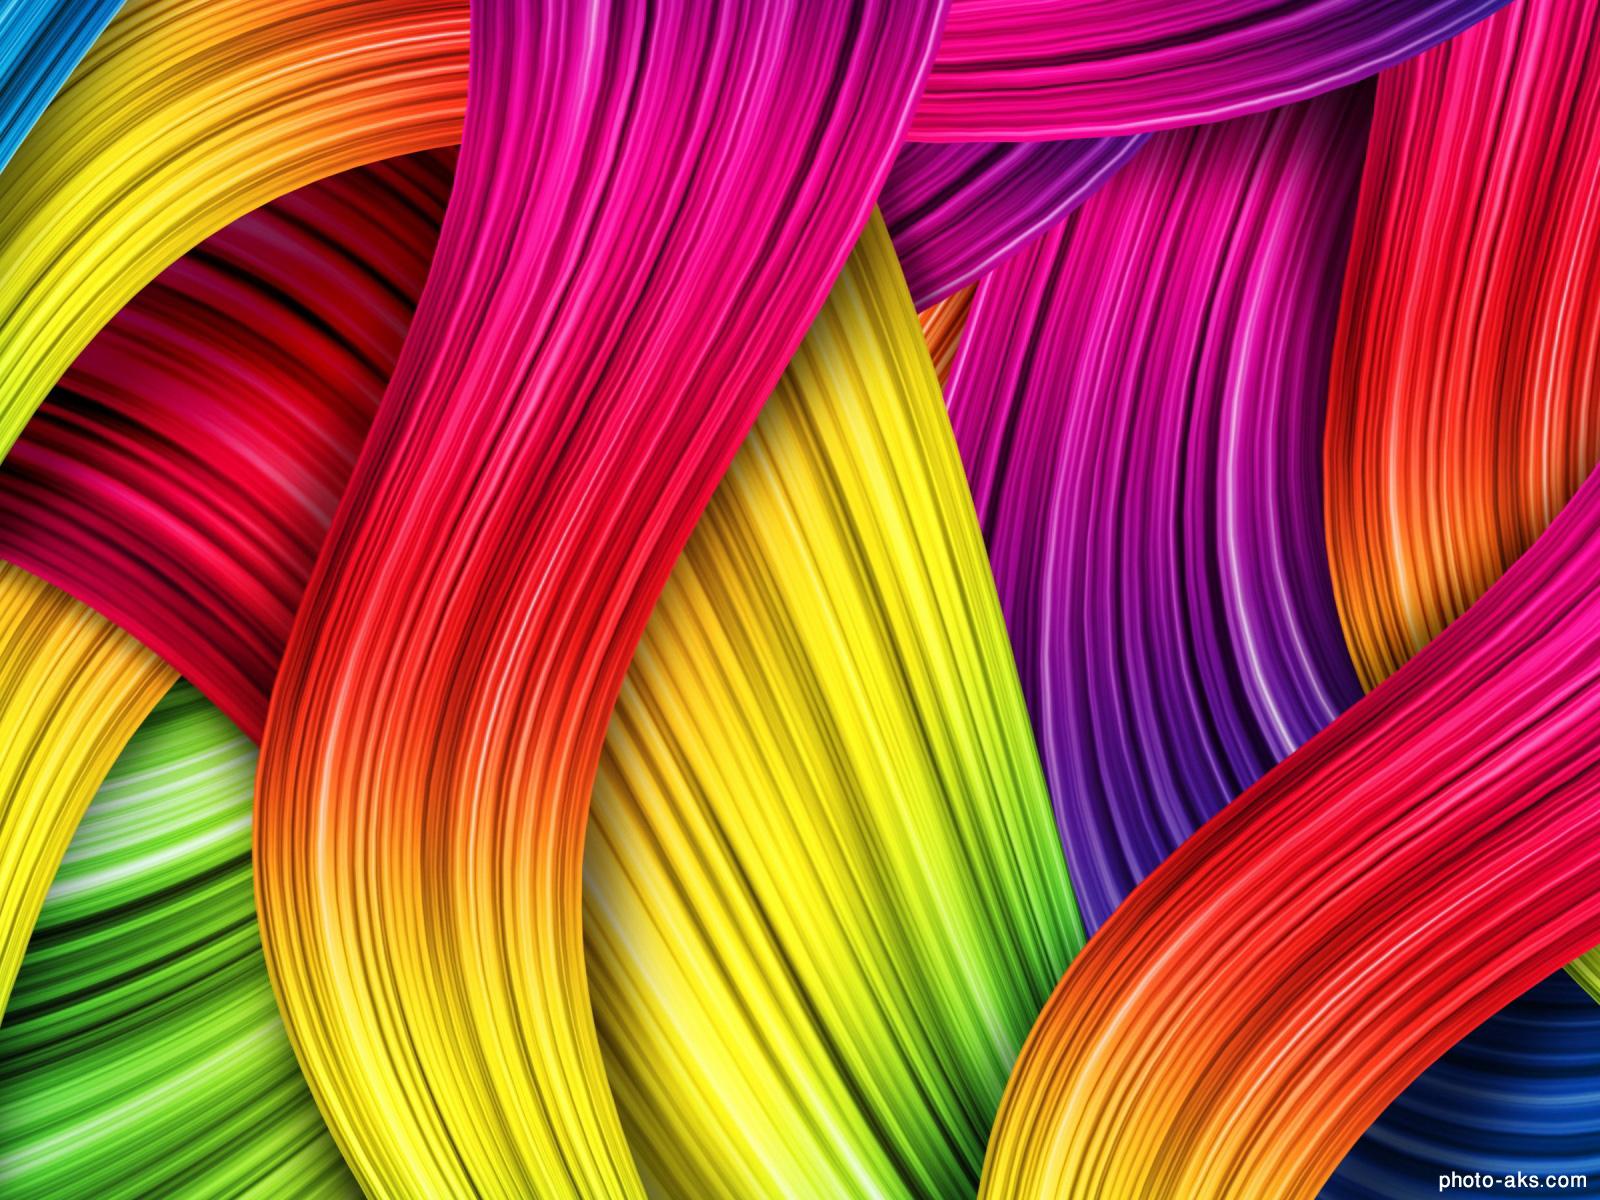 رنگ هایی که بهتر است از آنها در دکوراسیون استفاده نکنیم